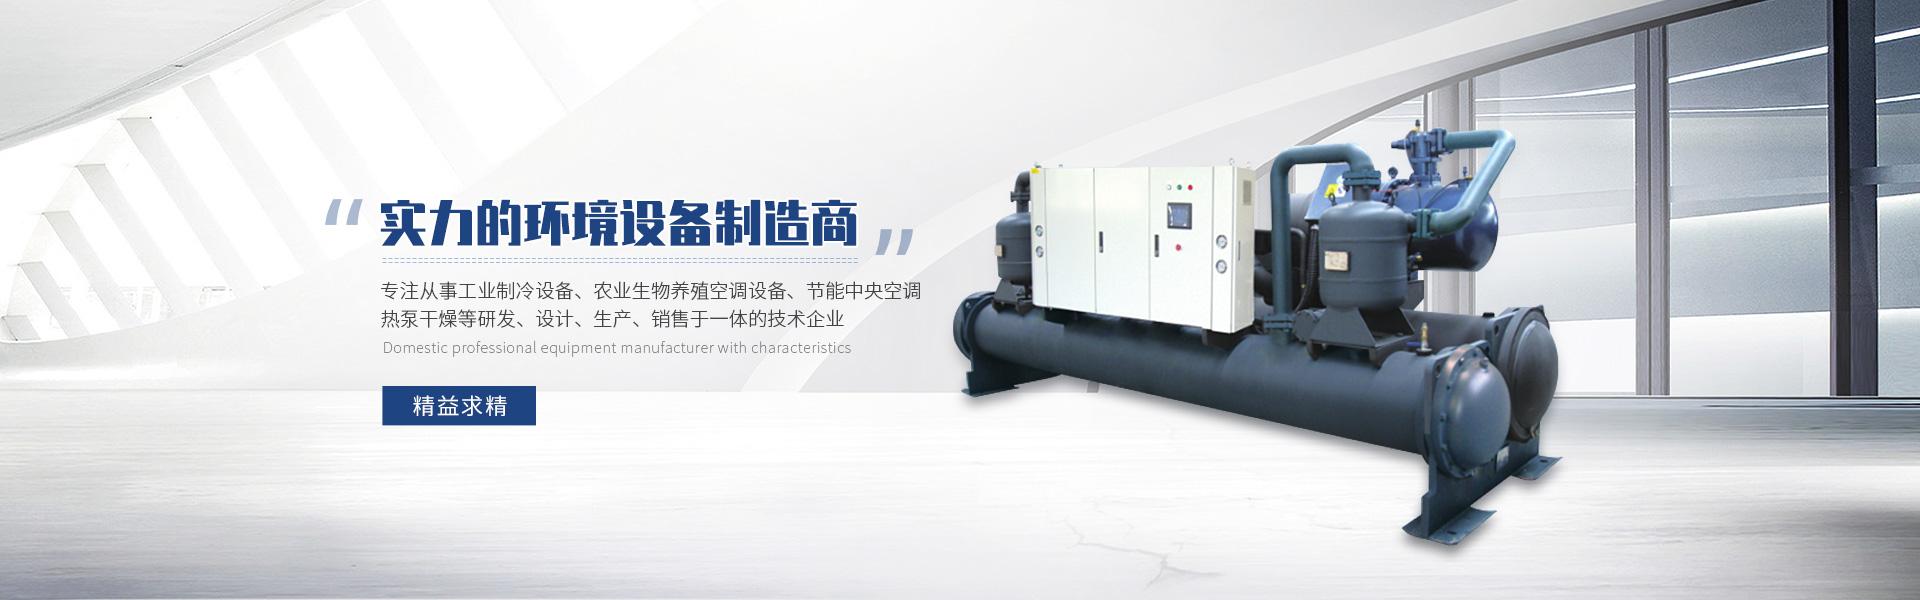 節能中央空調熱泵